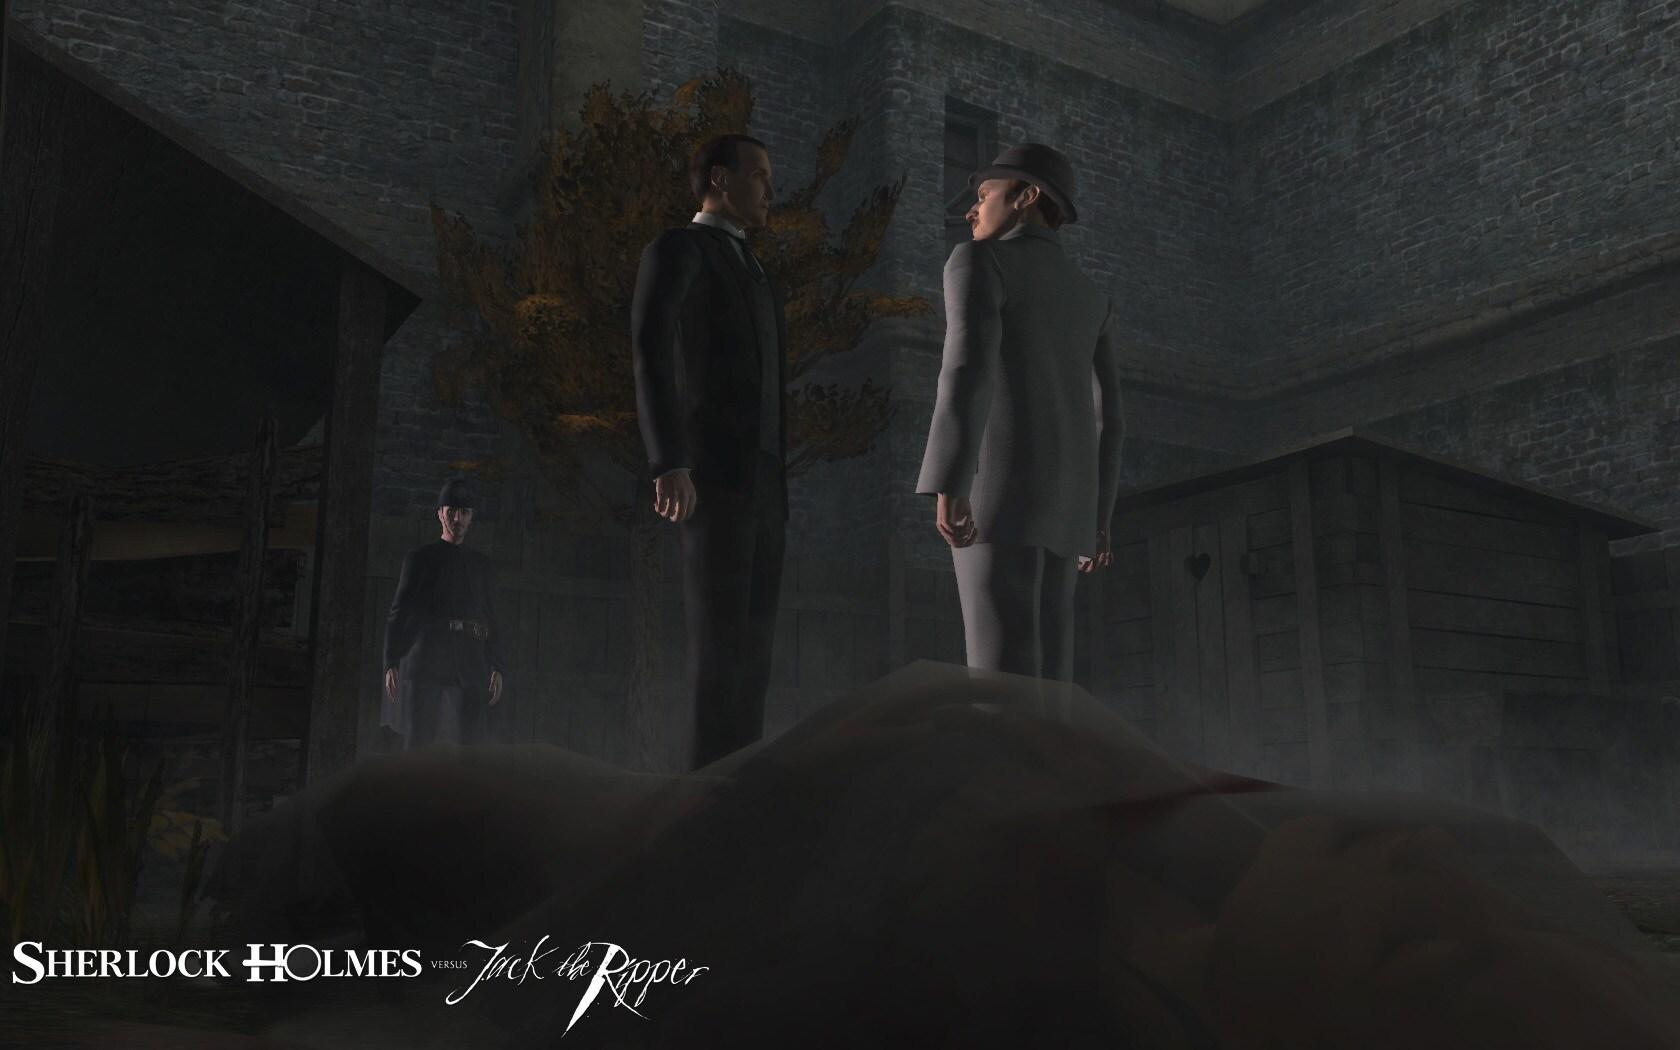 Sherlock Holmes versus Jack the Ripper Steam Key GLOBAL - 2